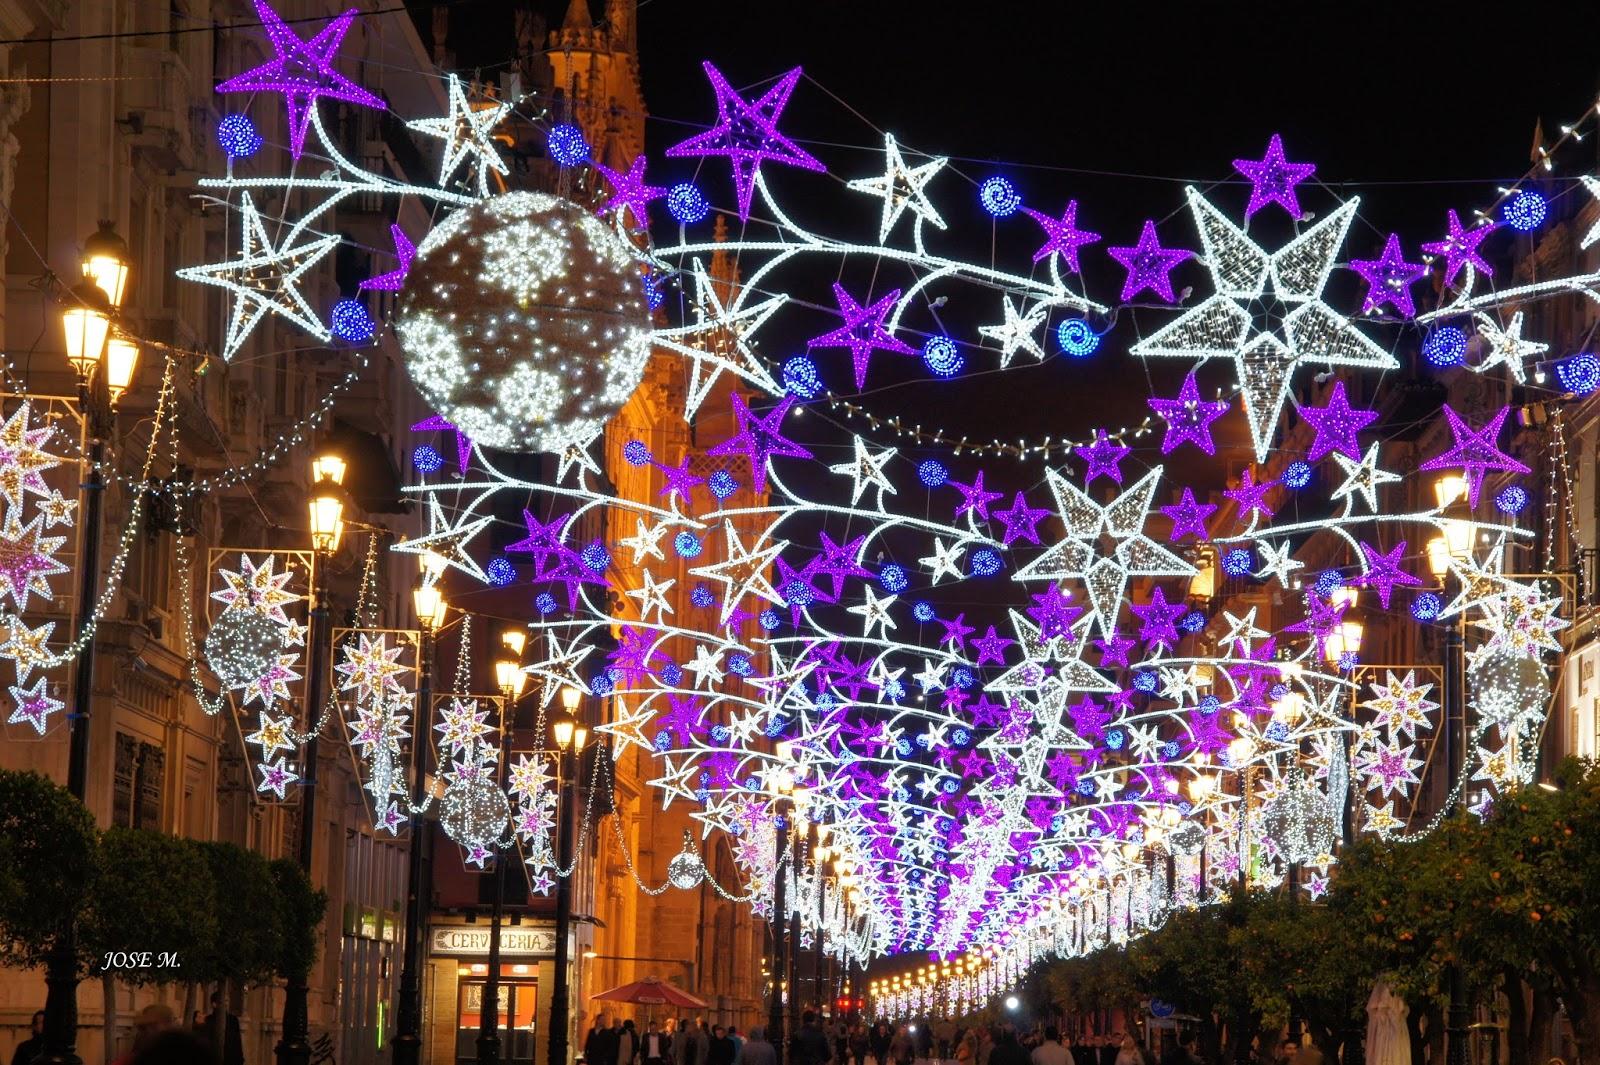 Maleta en mano navidad en sevilla - Iluminacion de navidad ...